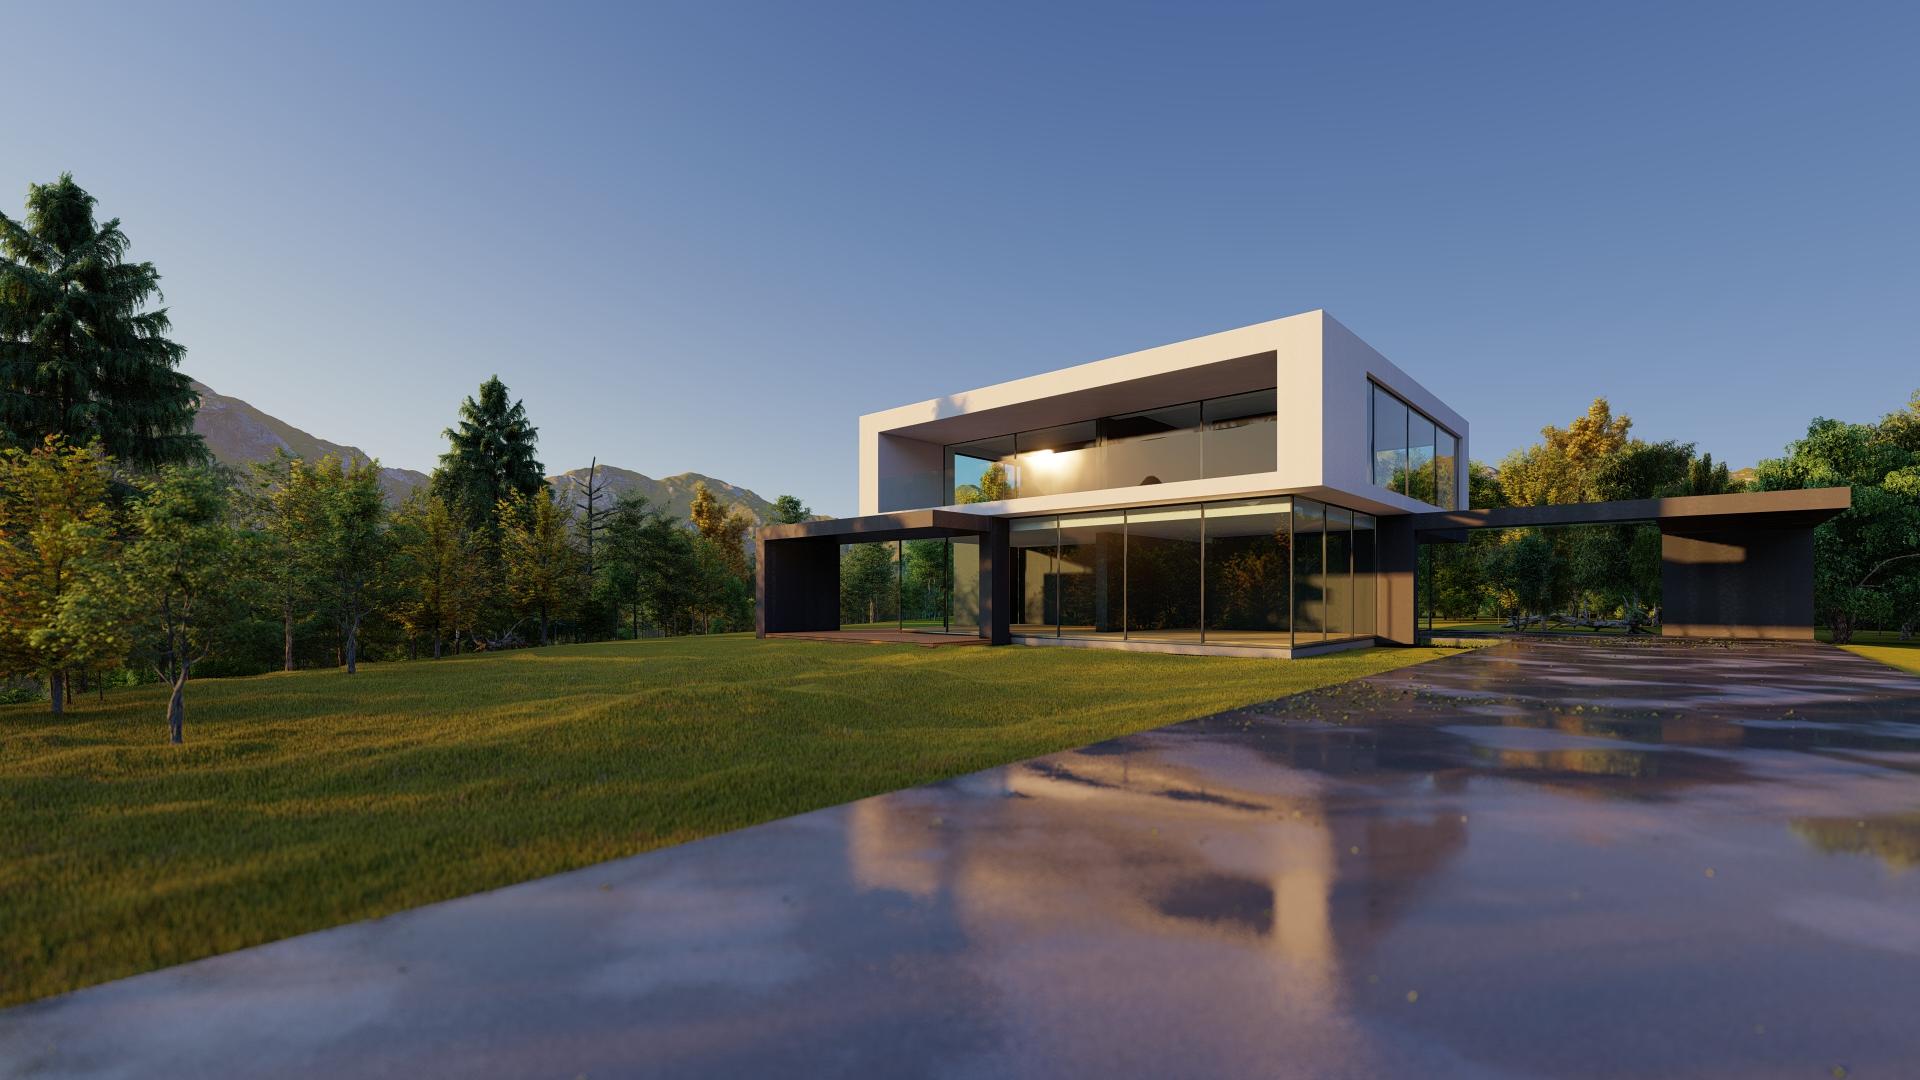 arhitektuurne 3d pilt hoone visualiseerimine 43